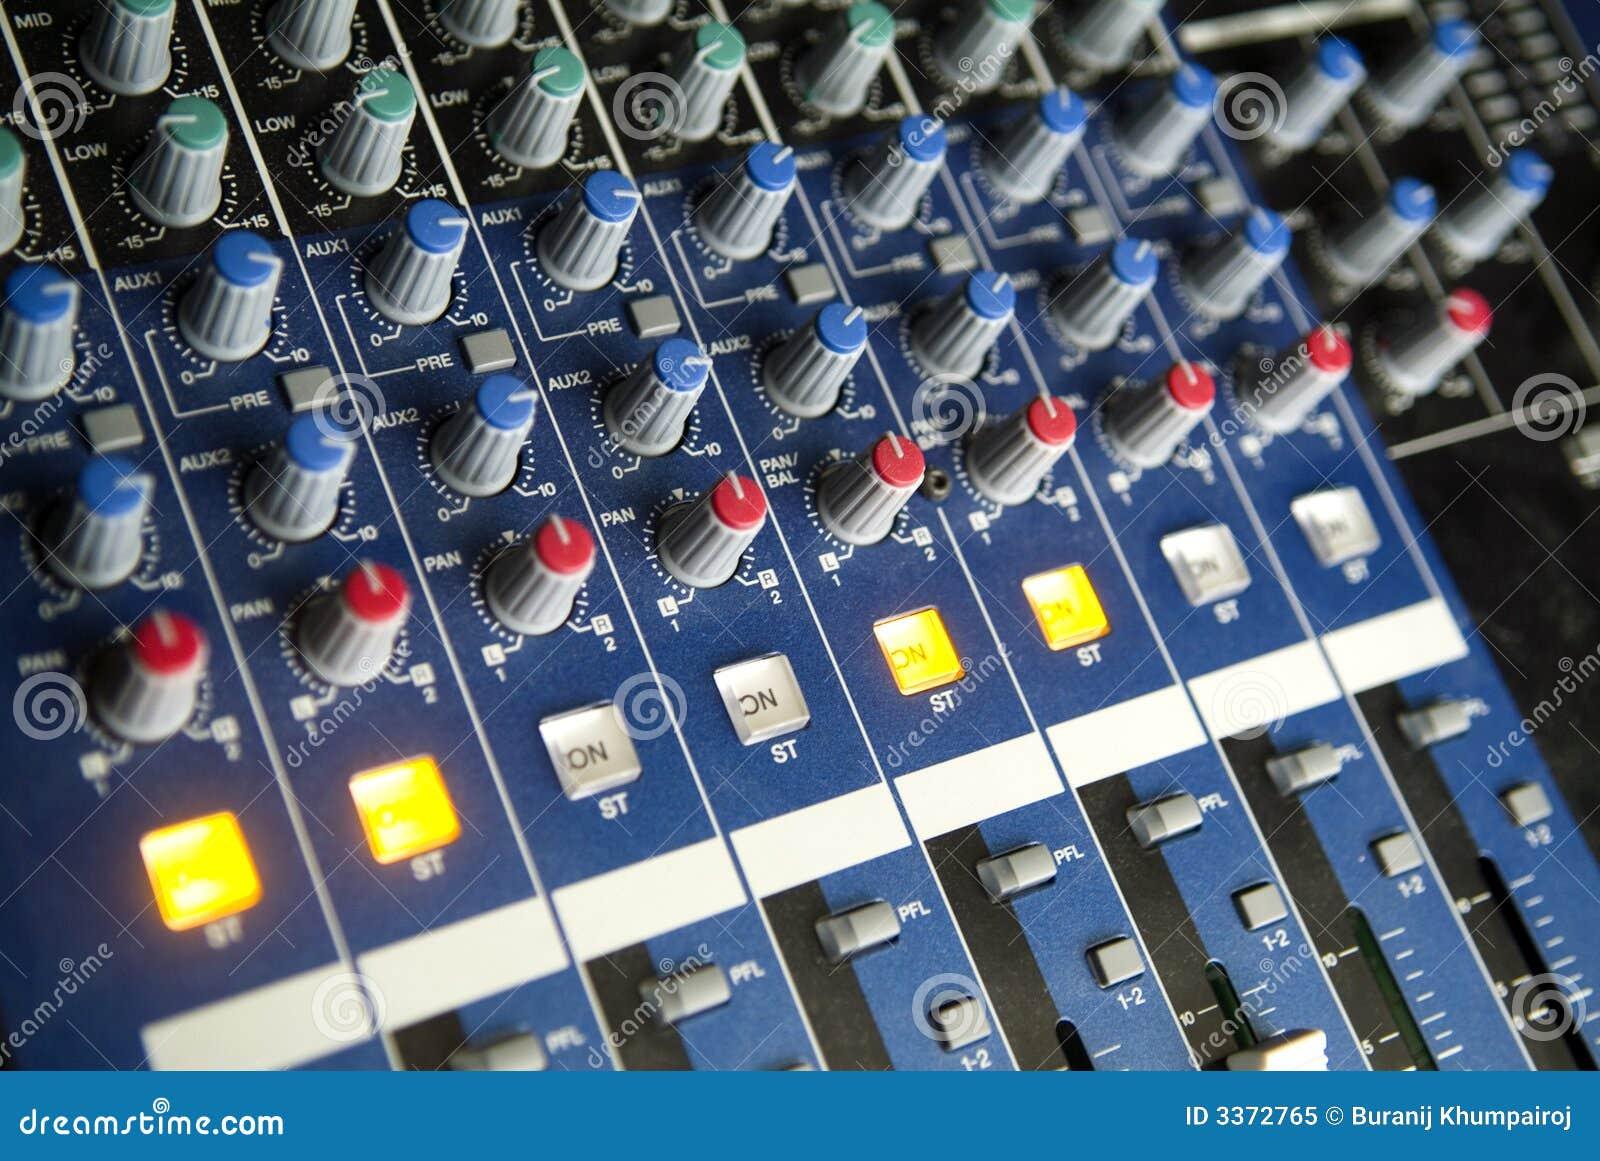 Consola de mezcla audio